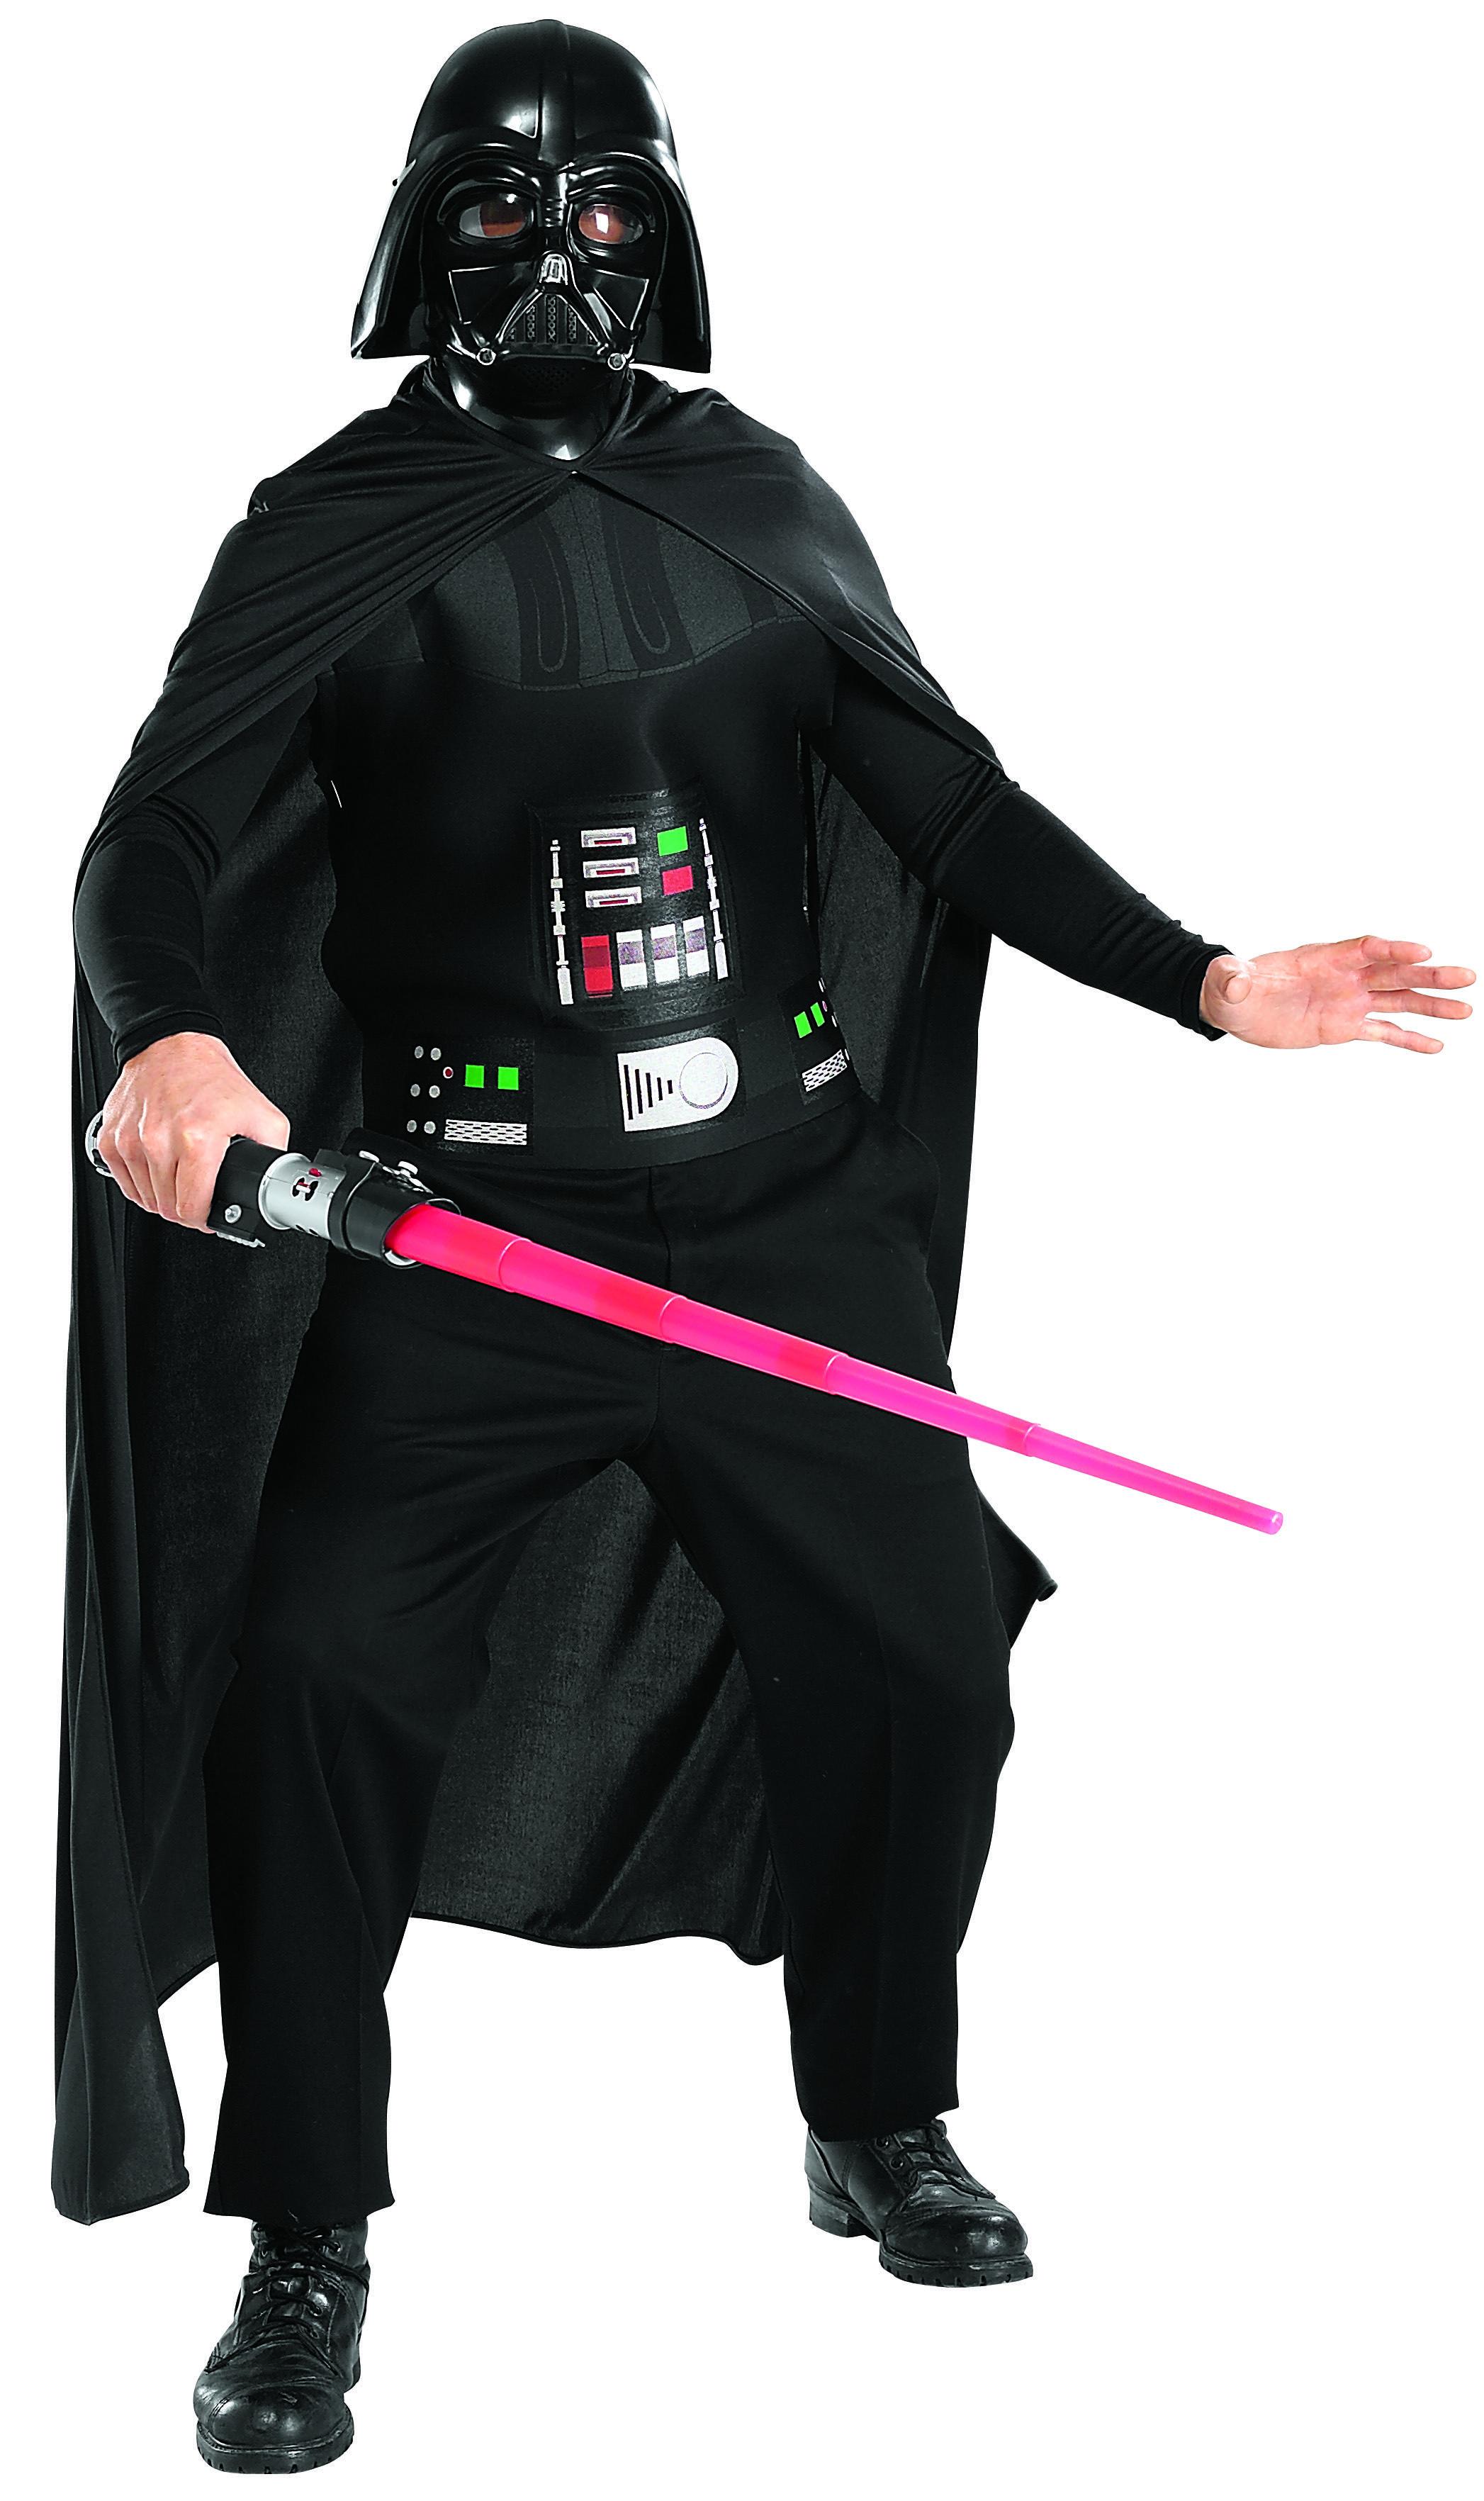 Disfraz de Darth Vader disponible en nuestra tienda online  starwars   guerradelagalaxia 1c39a4e676f